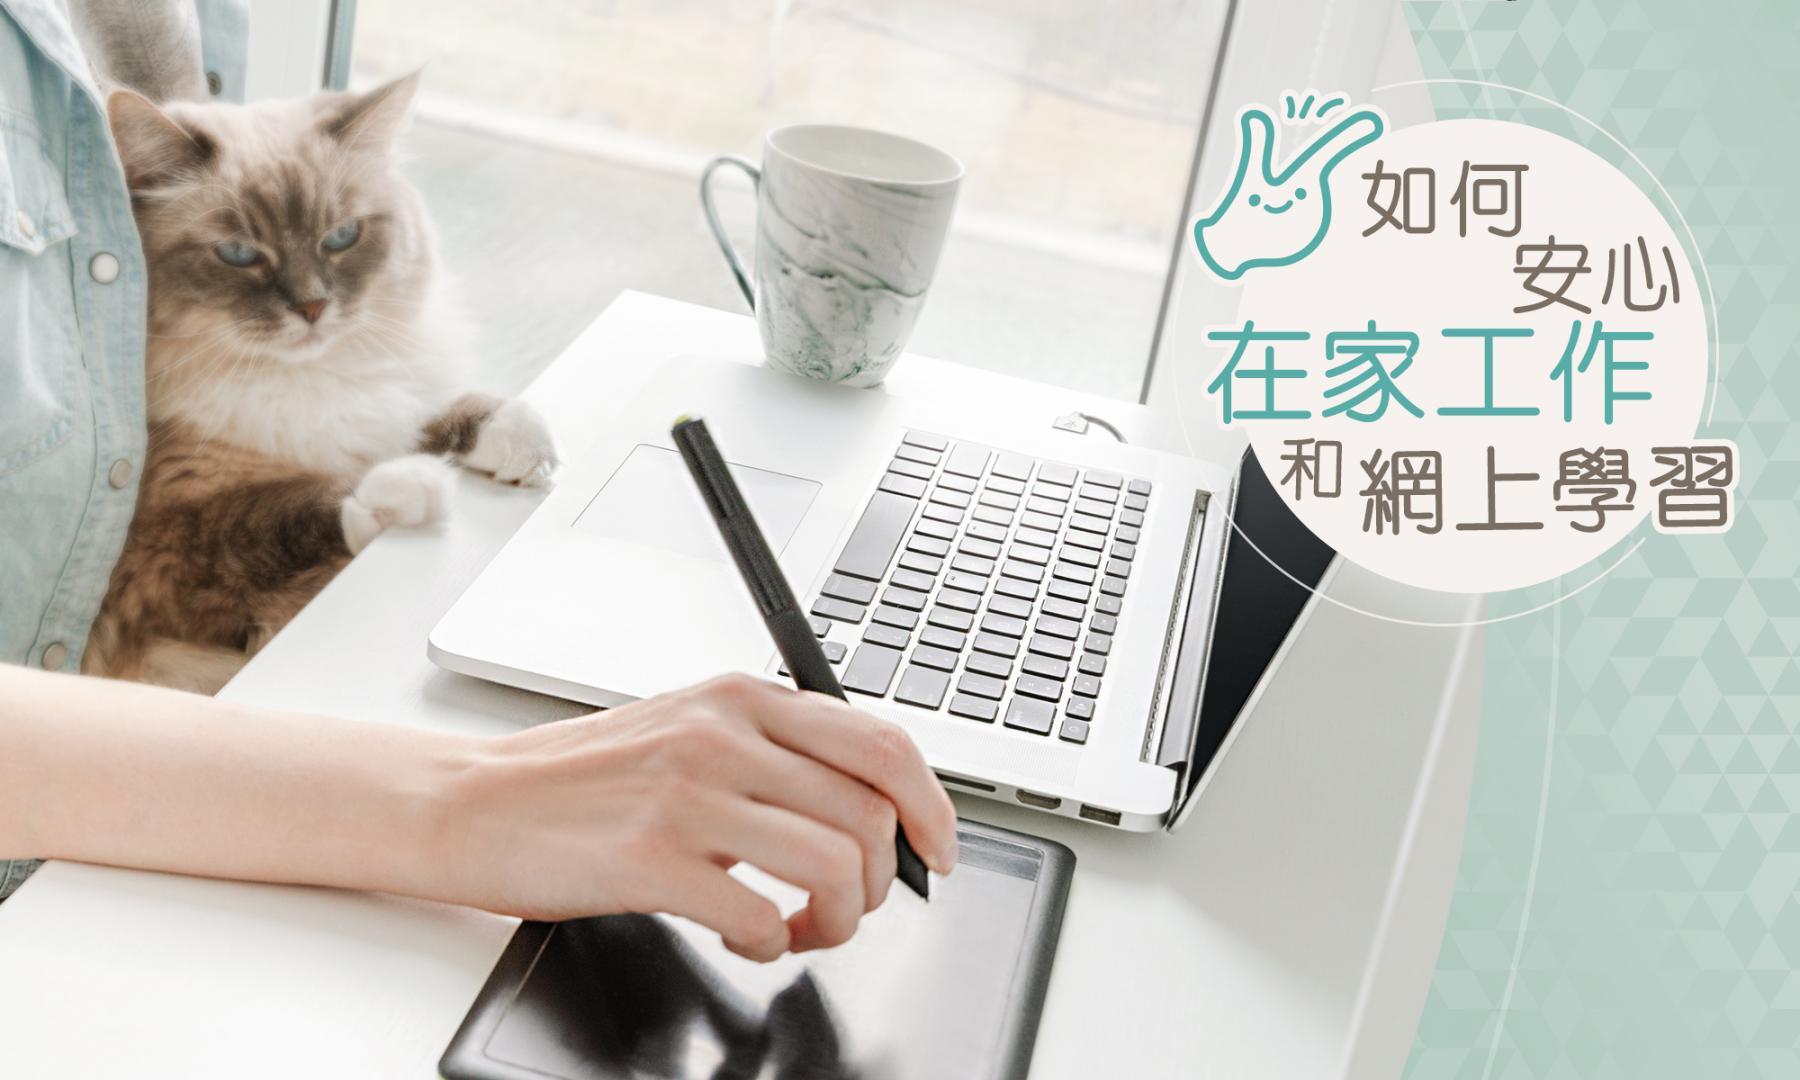 如何安心在家工作和网上学习